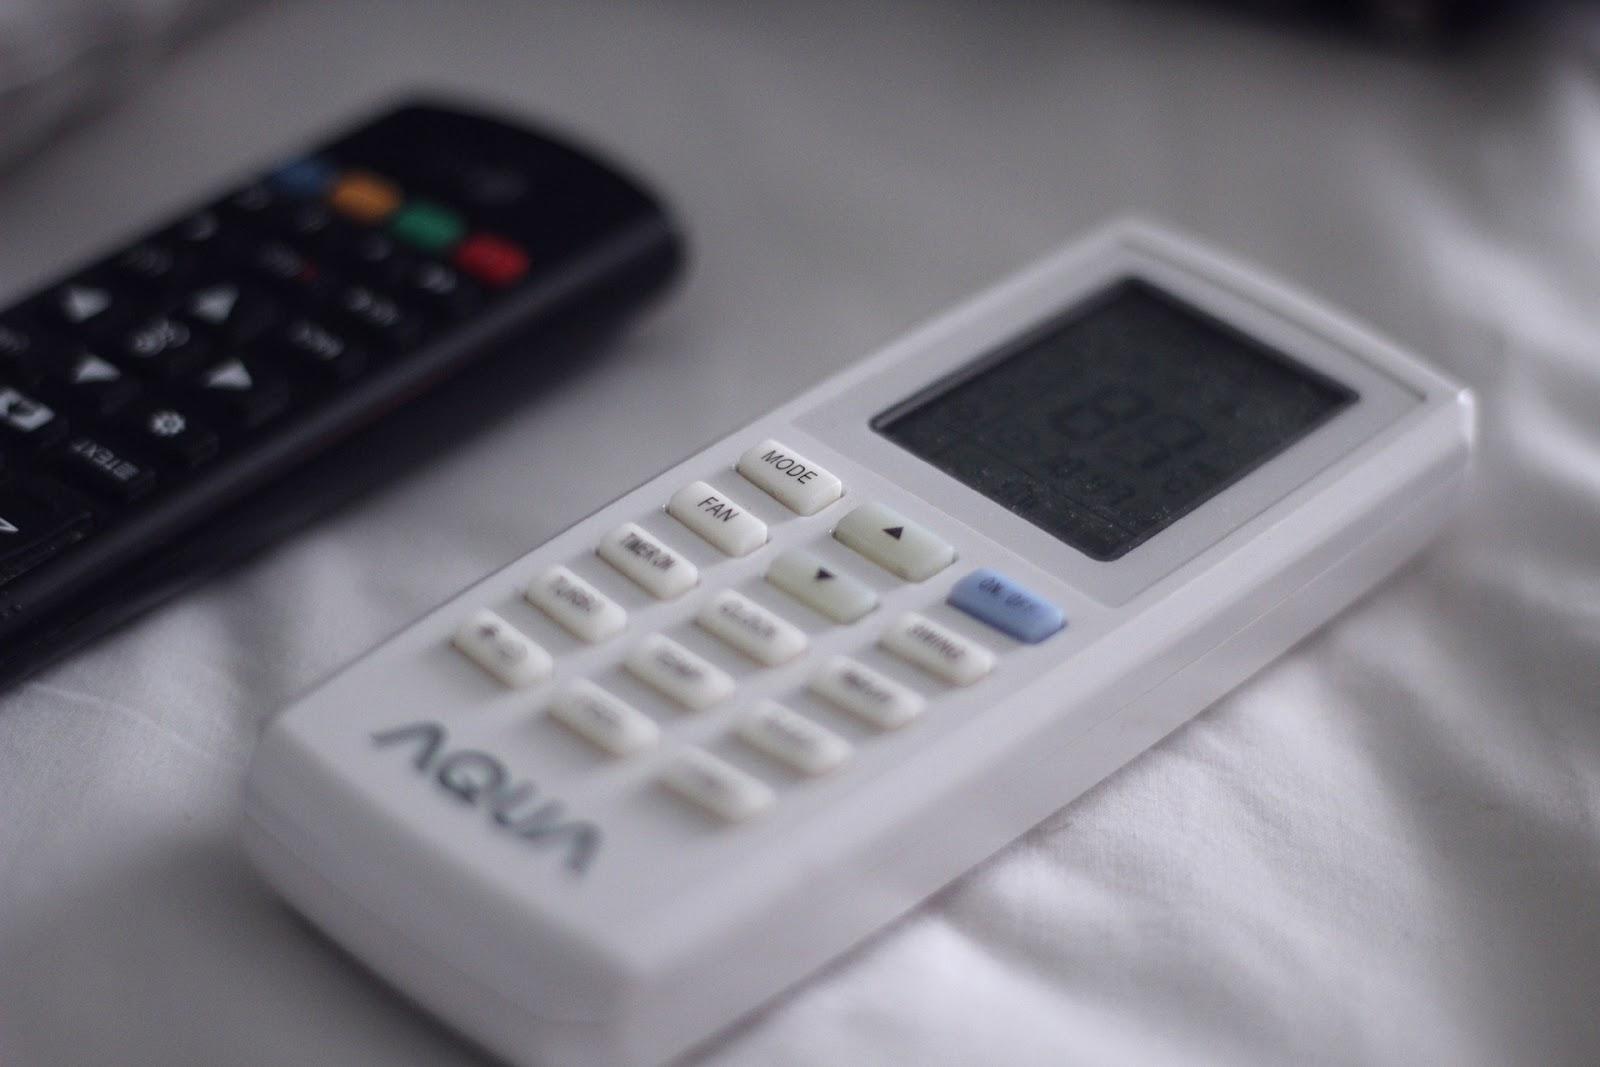 Um controle de ar condicionado ou climatizador.